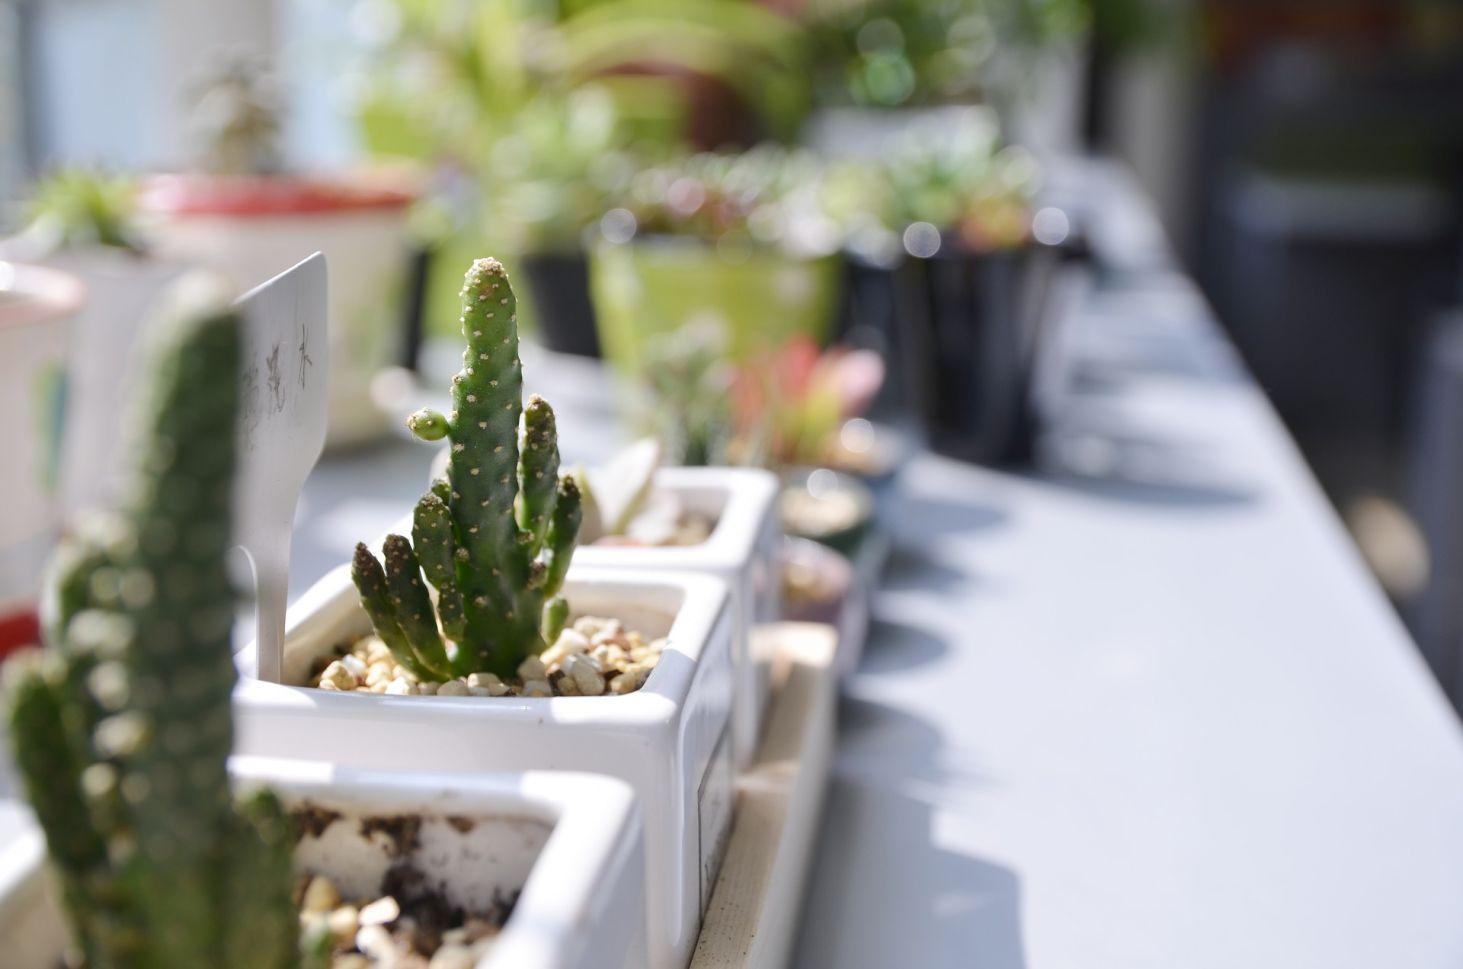 Rośliny Dla Początkujących Czyli 6 Kwiatów Domowych łatwych